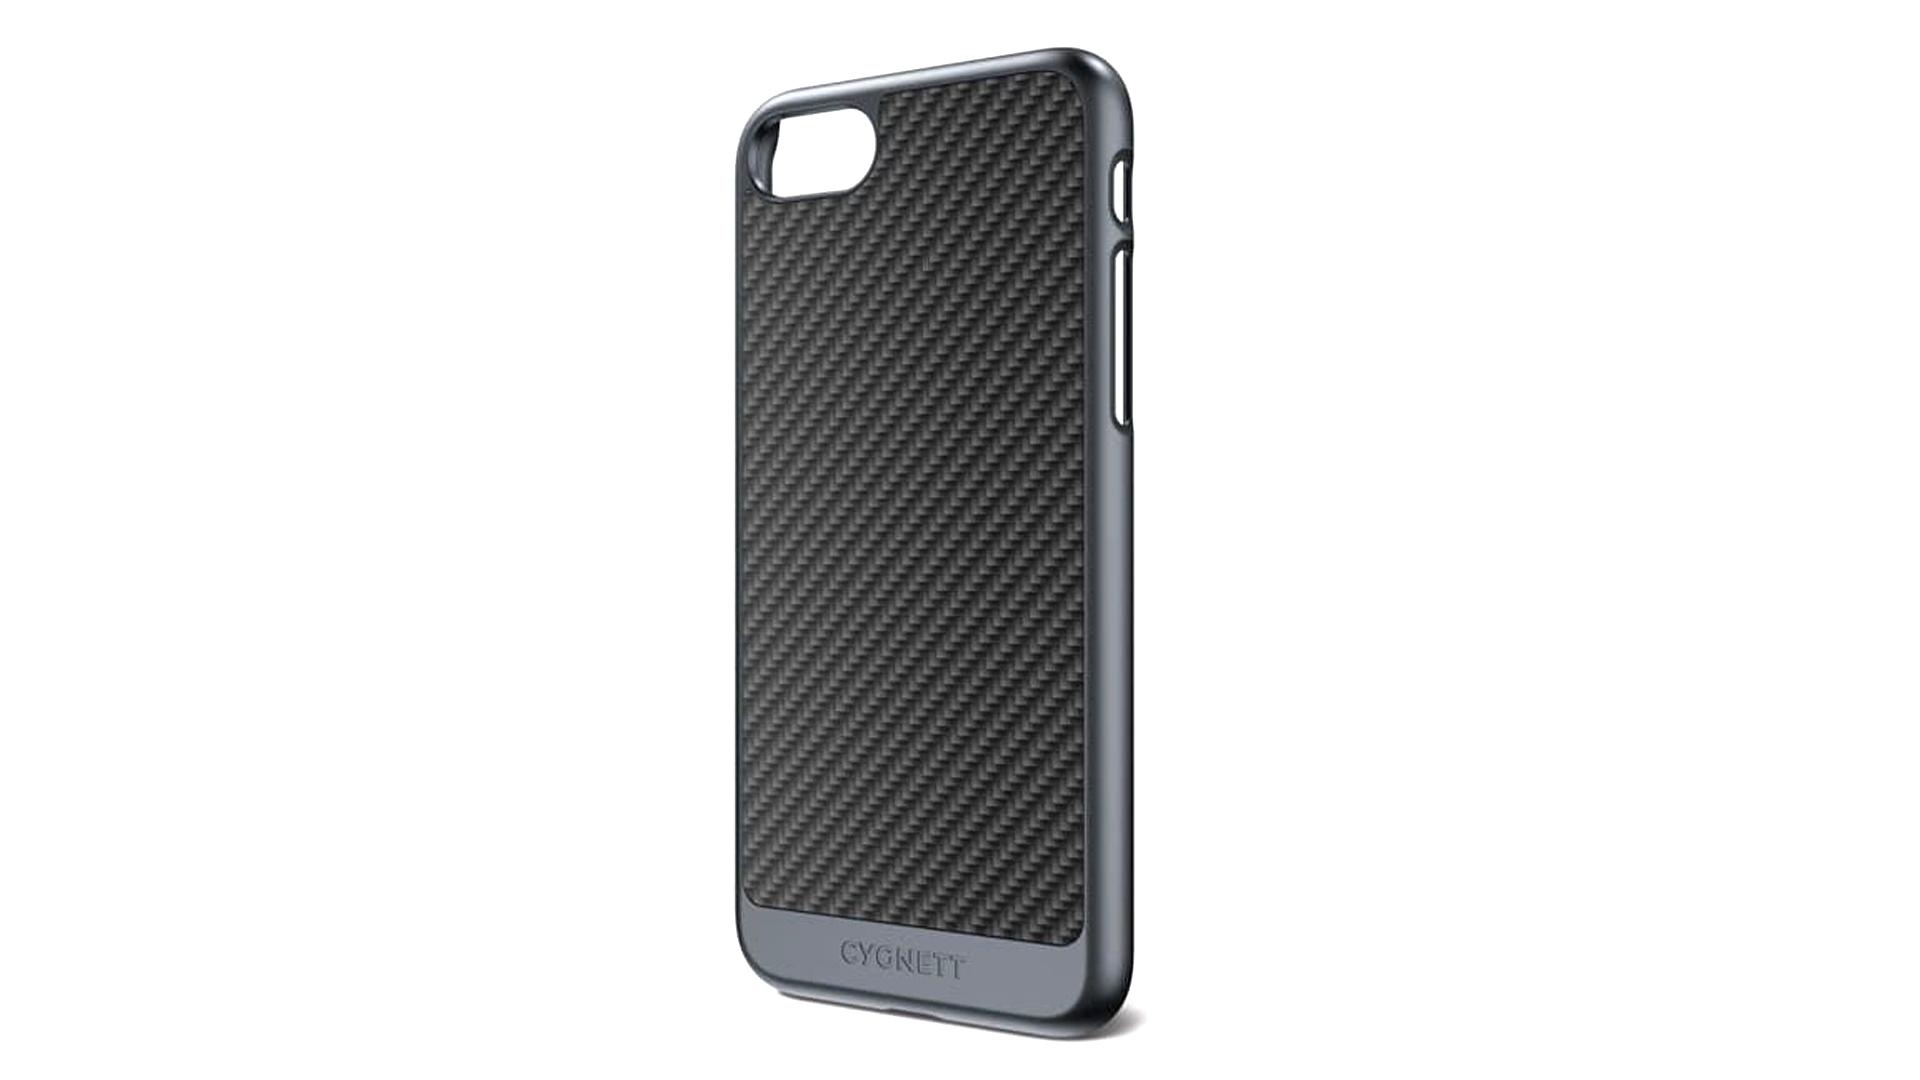 VVWt6d84Ue6EiMuR7kvnHP - The best iPhone 7 Plus cases